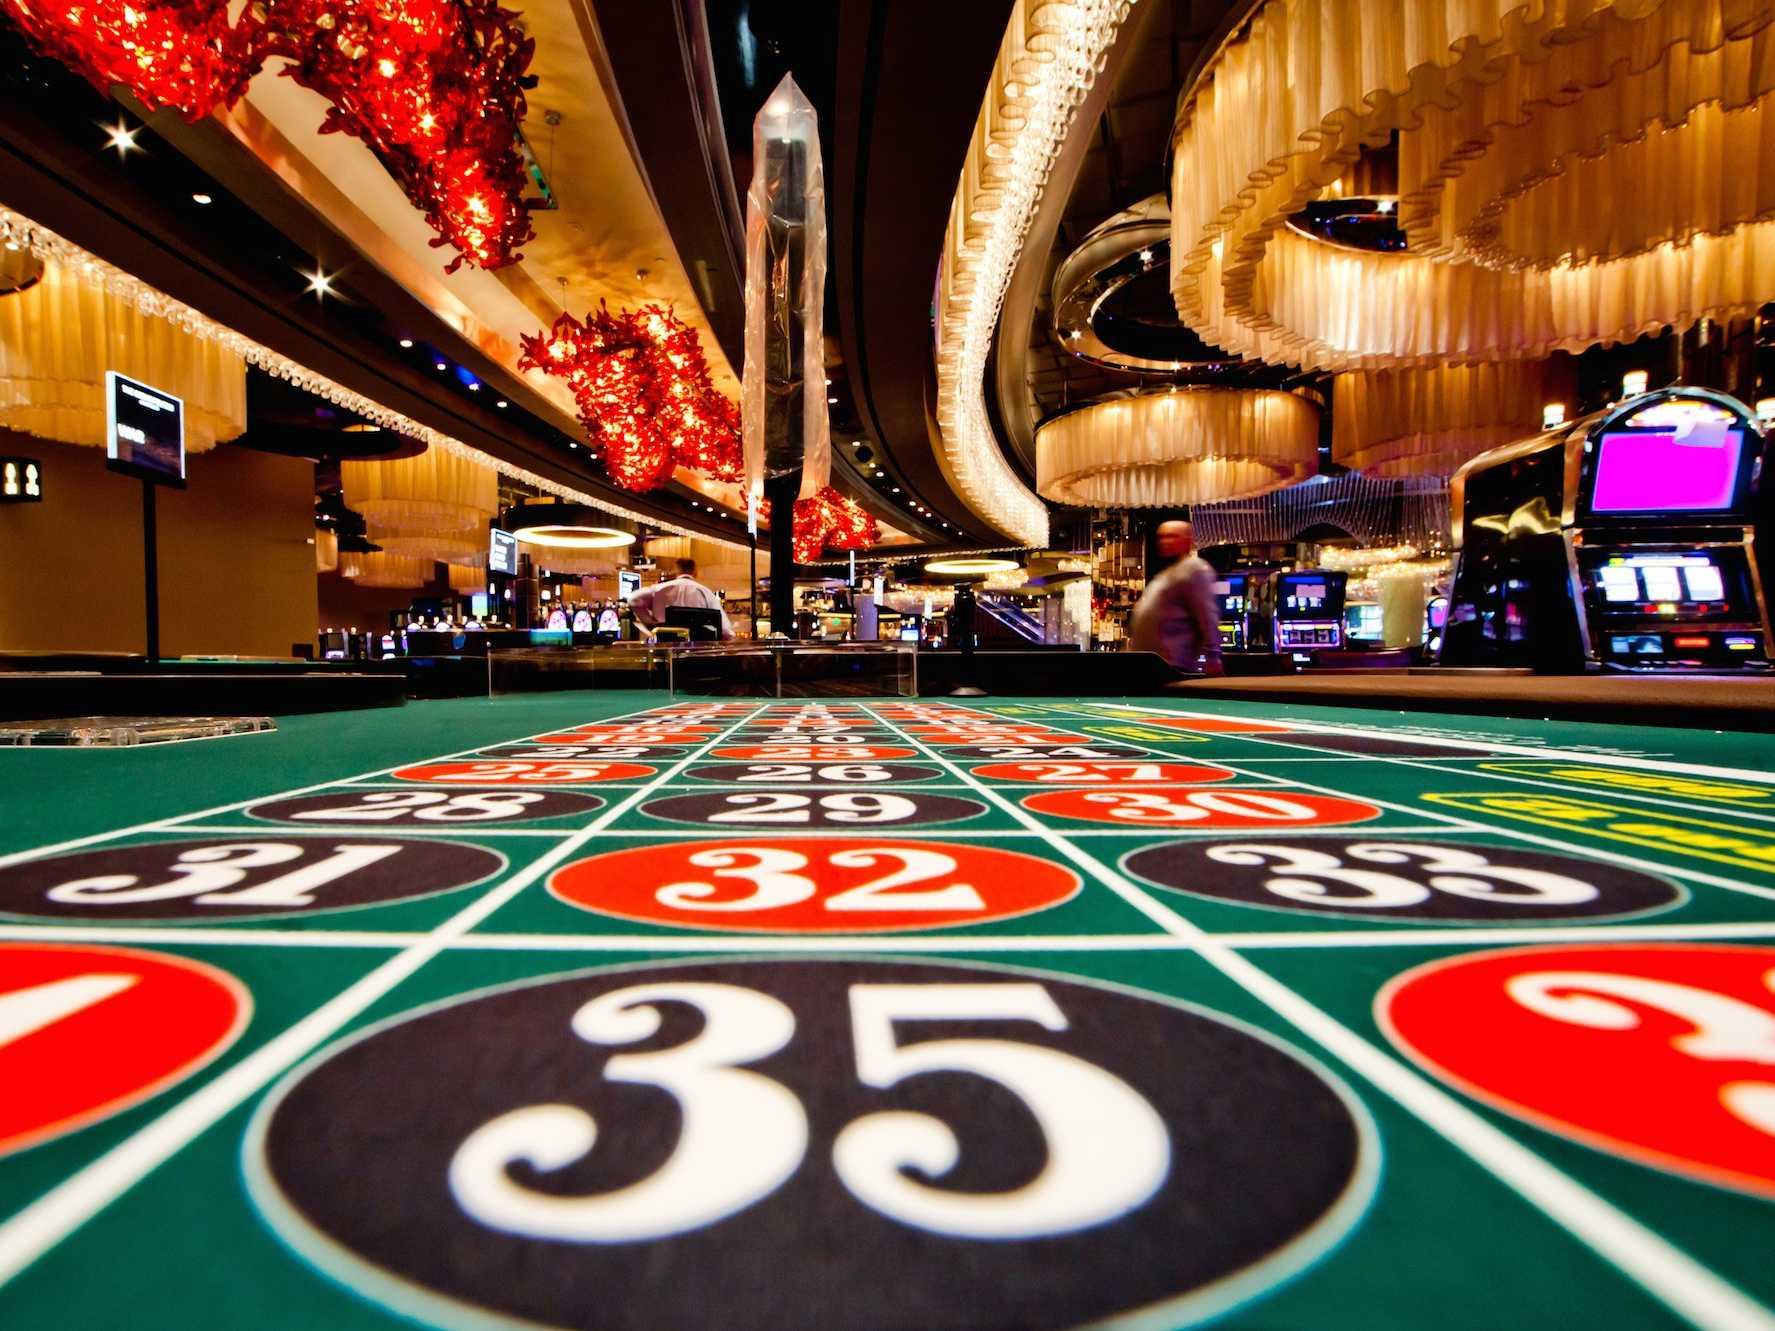 Pourquoi préférer les jeux casinos virtuels révolutionnaires?